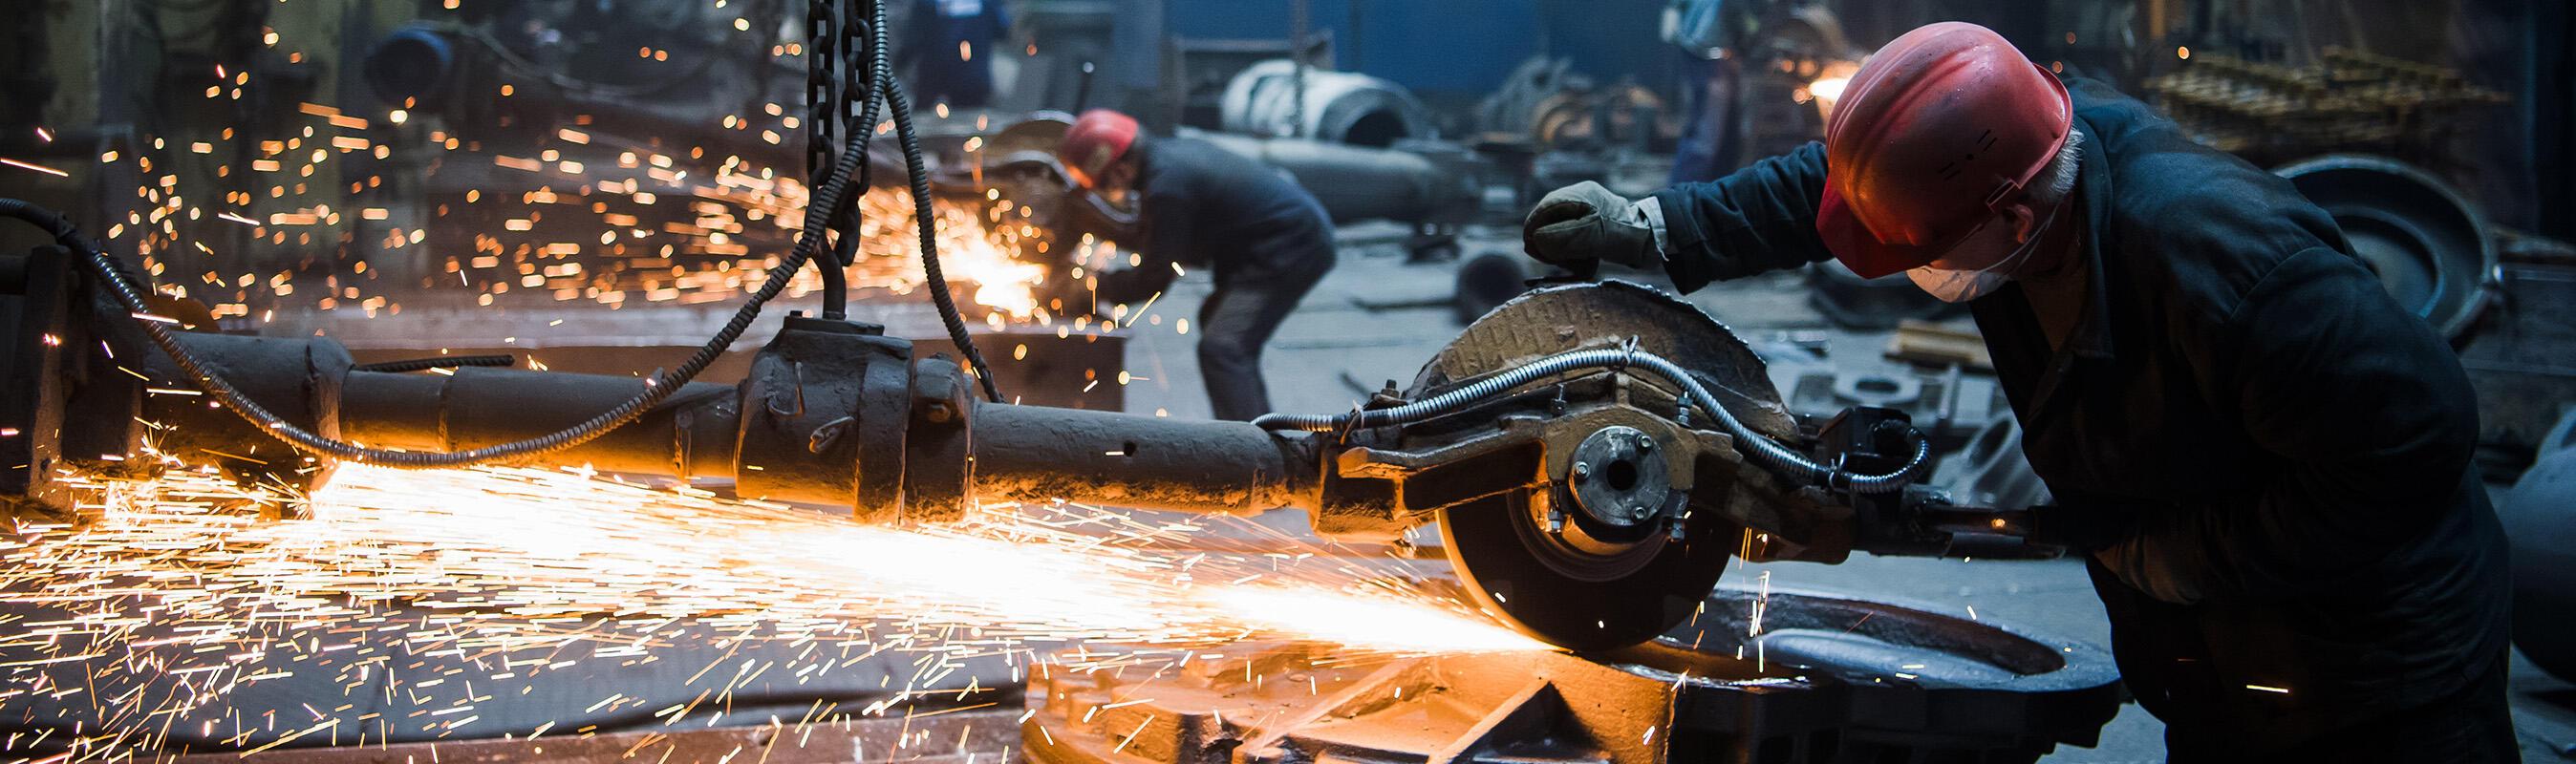 HMS er alfa omega for industribedrifter